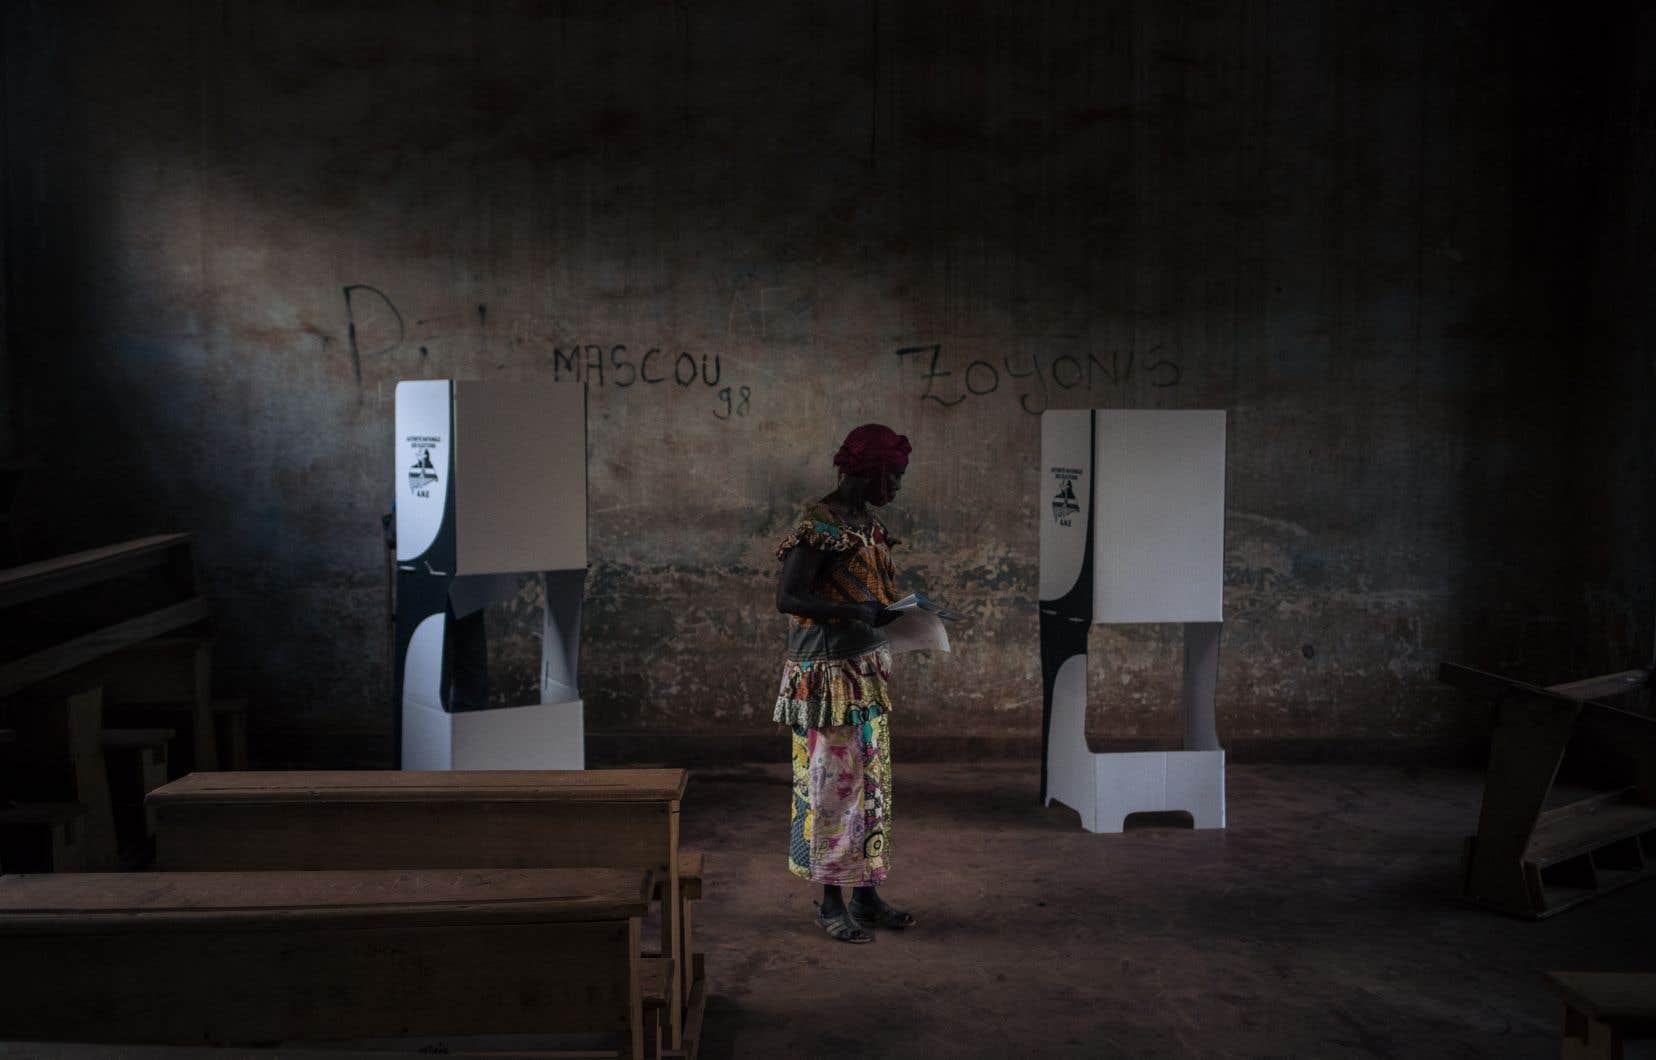 Dans un pays occupé aux deux tiers par des groupes armés, des milliers de personnes ont été empêchées de voter.